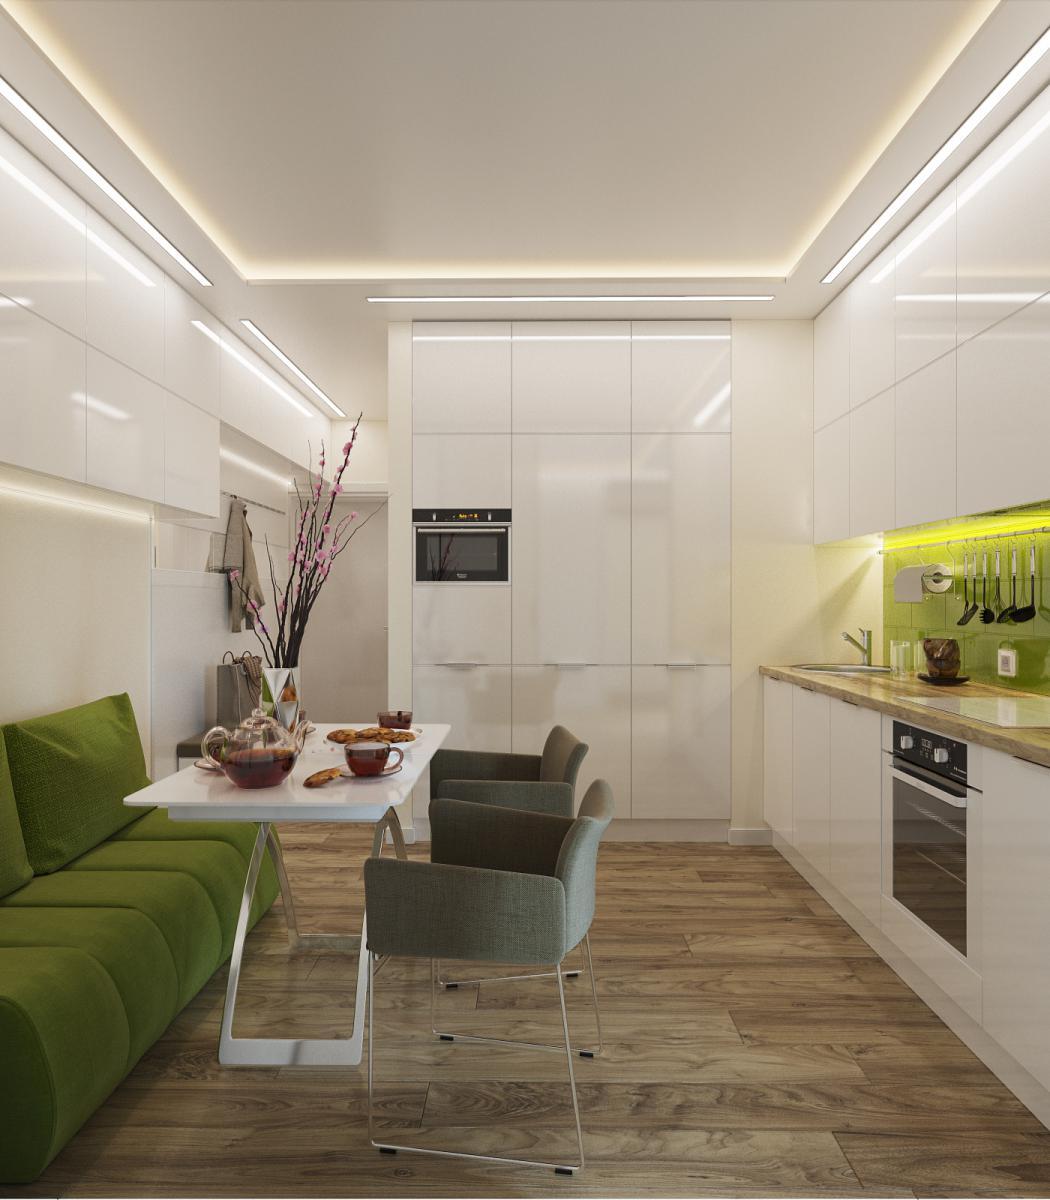 Дизайн однокомнатной квартиры 33 кв.м фото с